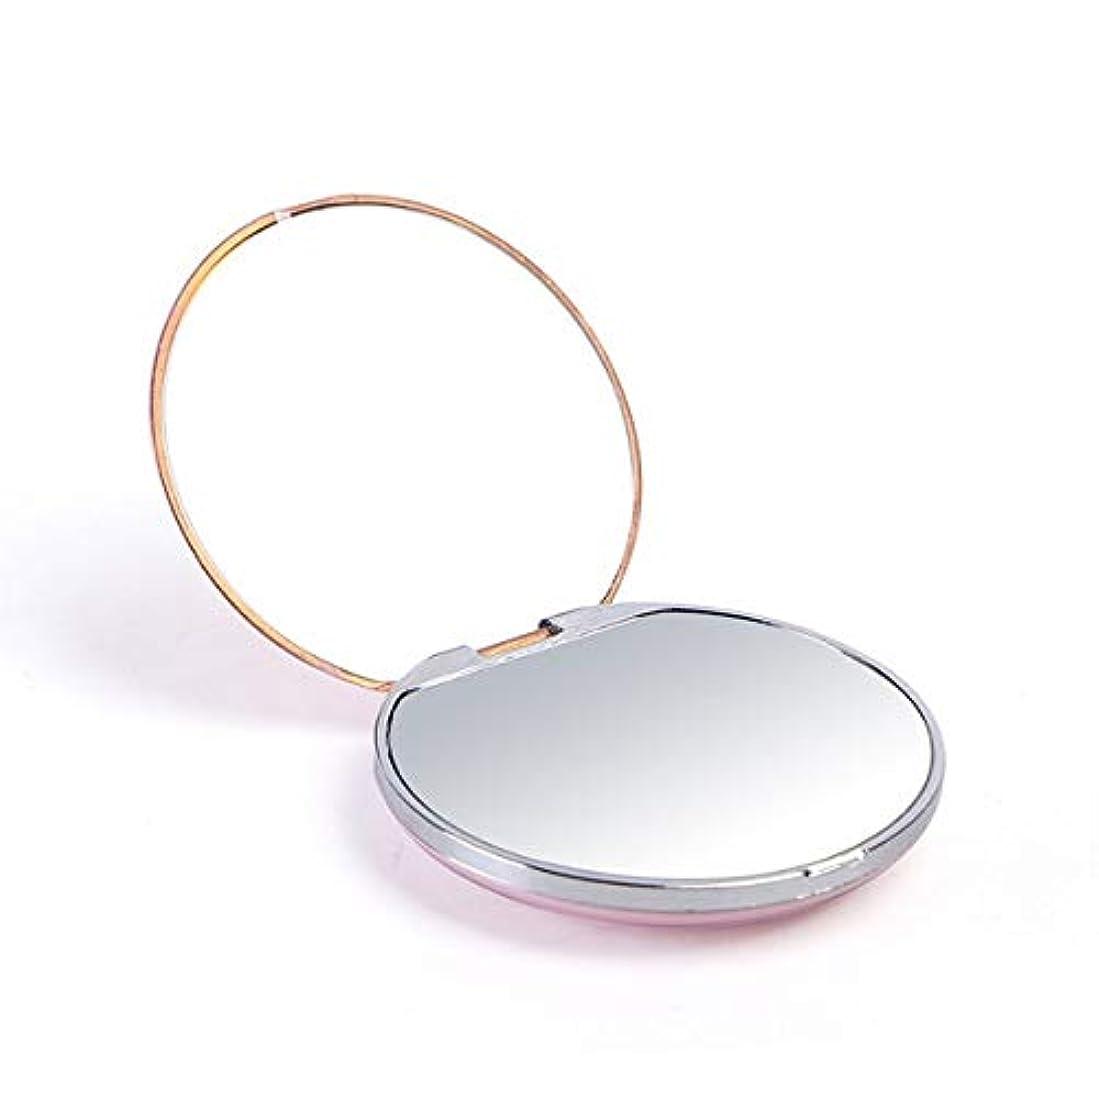 実際に受賞いらいらする化粧鏡、亜鉛合金テクスチャアップグレード化粧鏡化粧鏡化粧ギフト